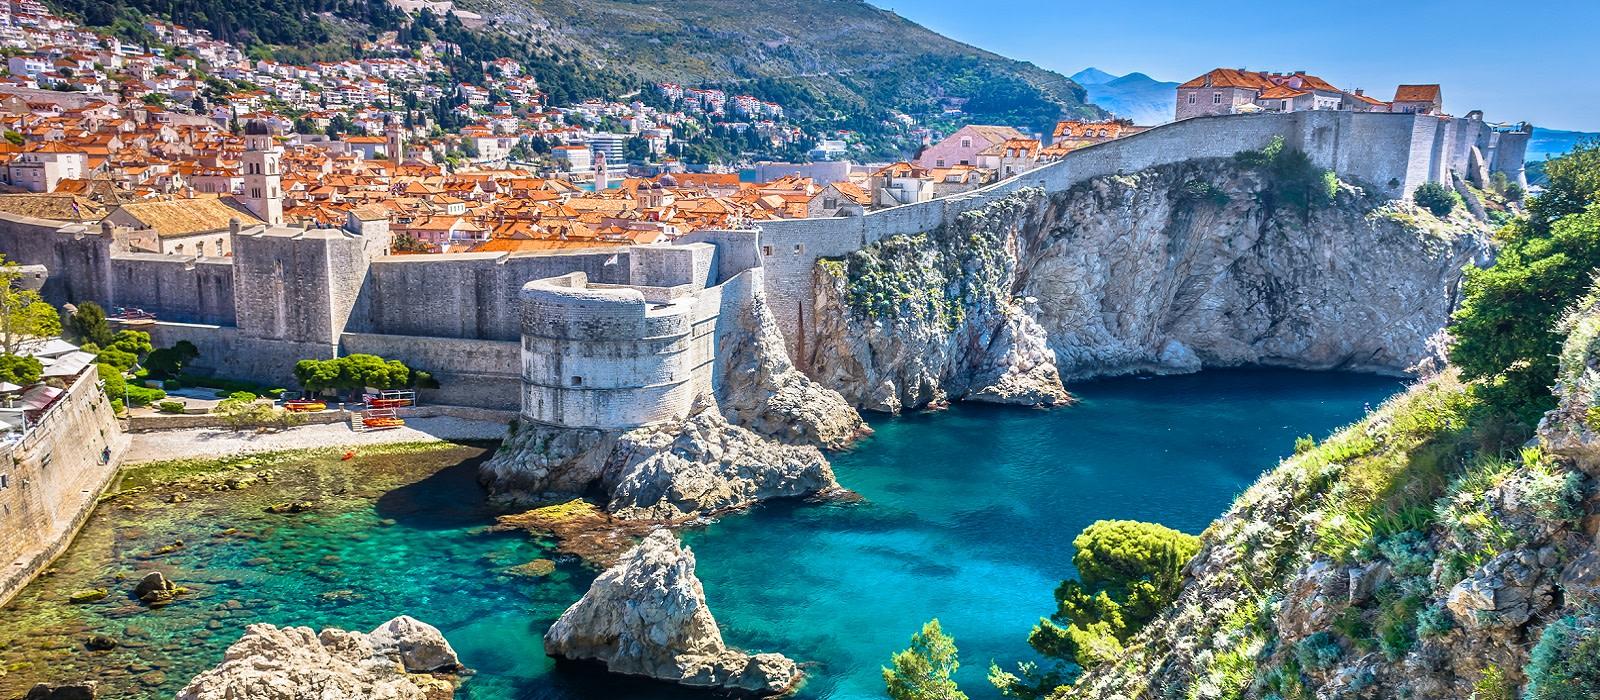 Croatia: Natural Wonders Tour Trip 1